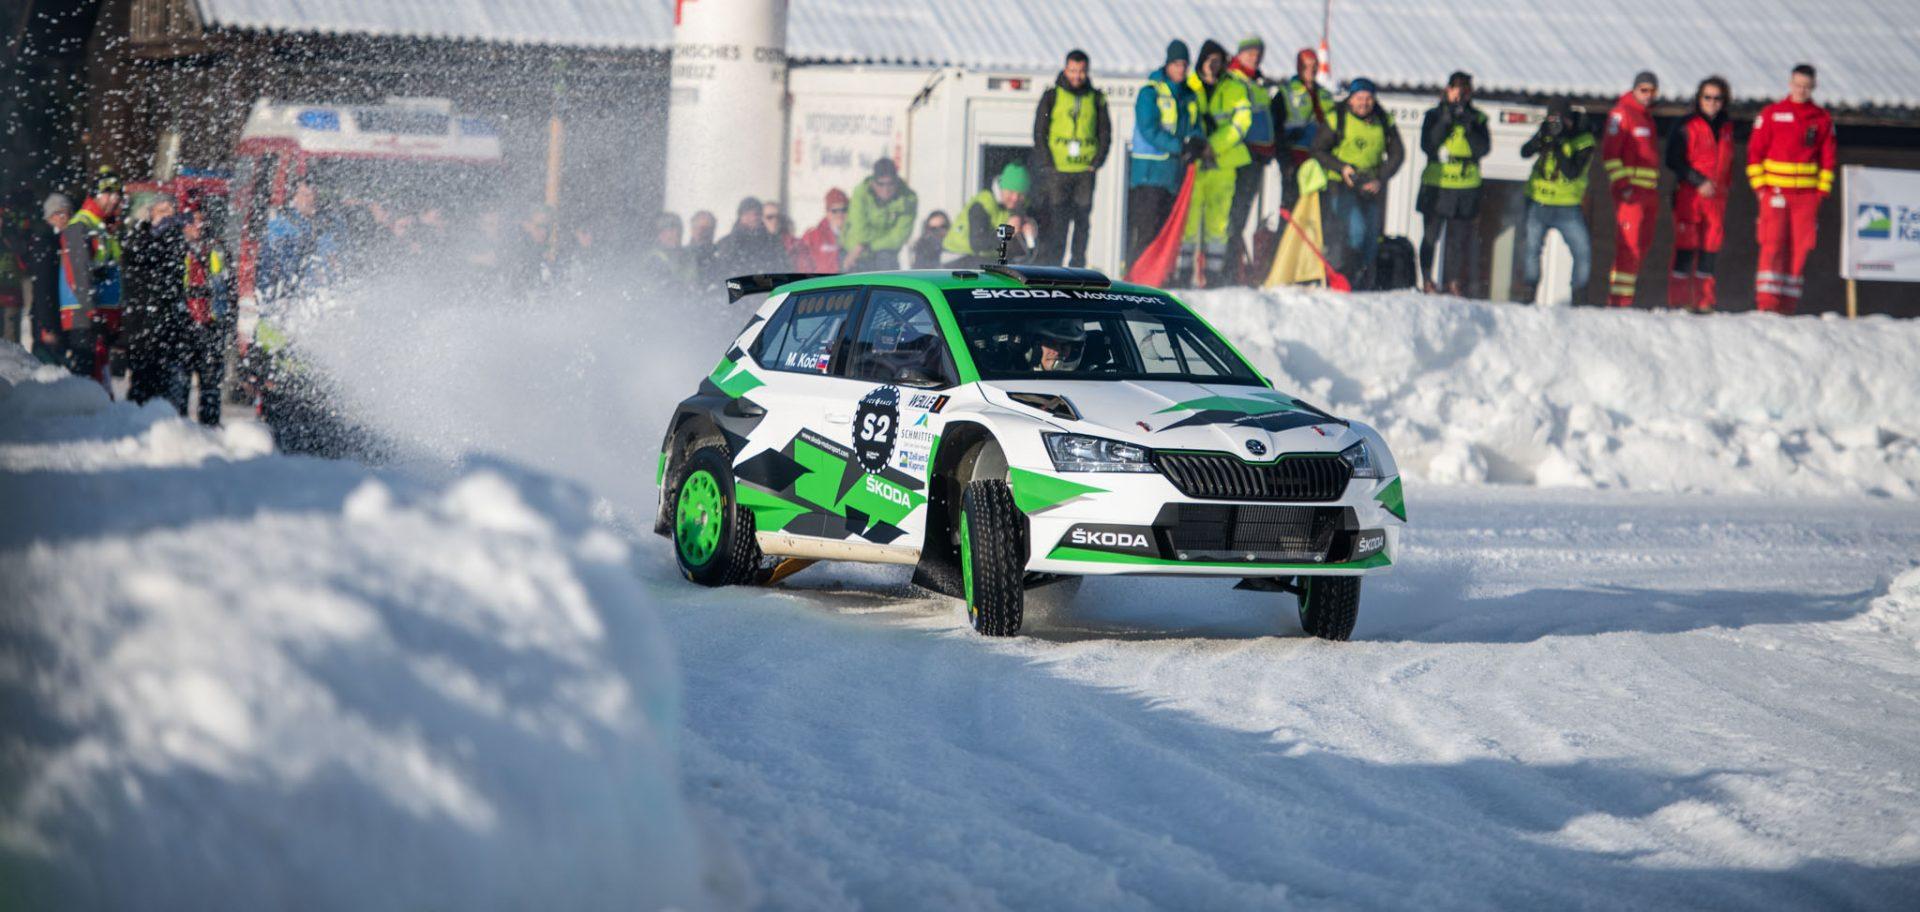 Na sněžné dráze závodu Ice Race byl nejrychlejší Fabian Kreim | 360° video